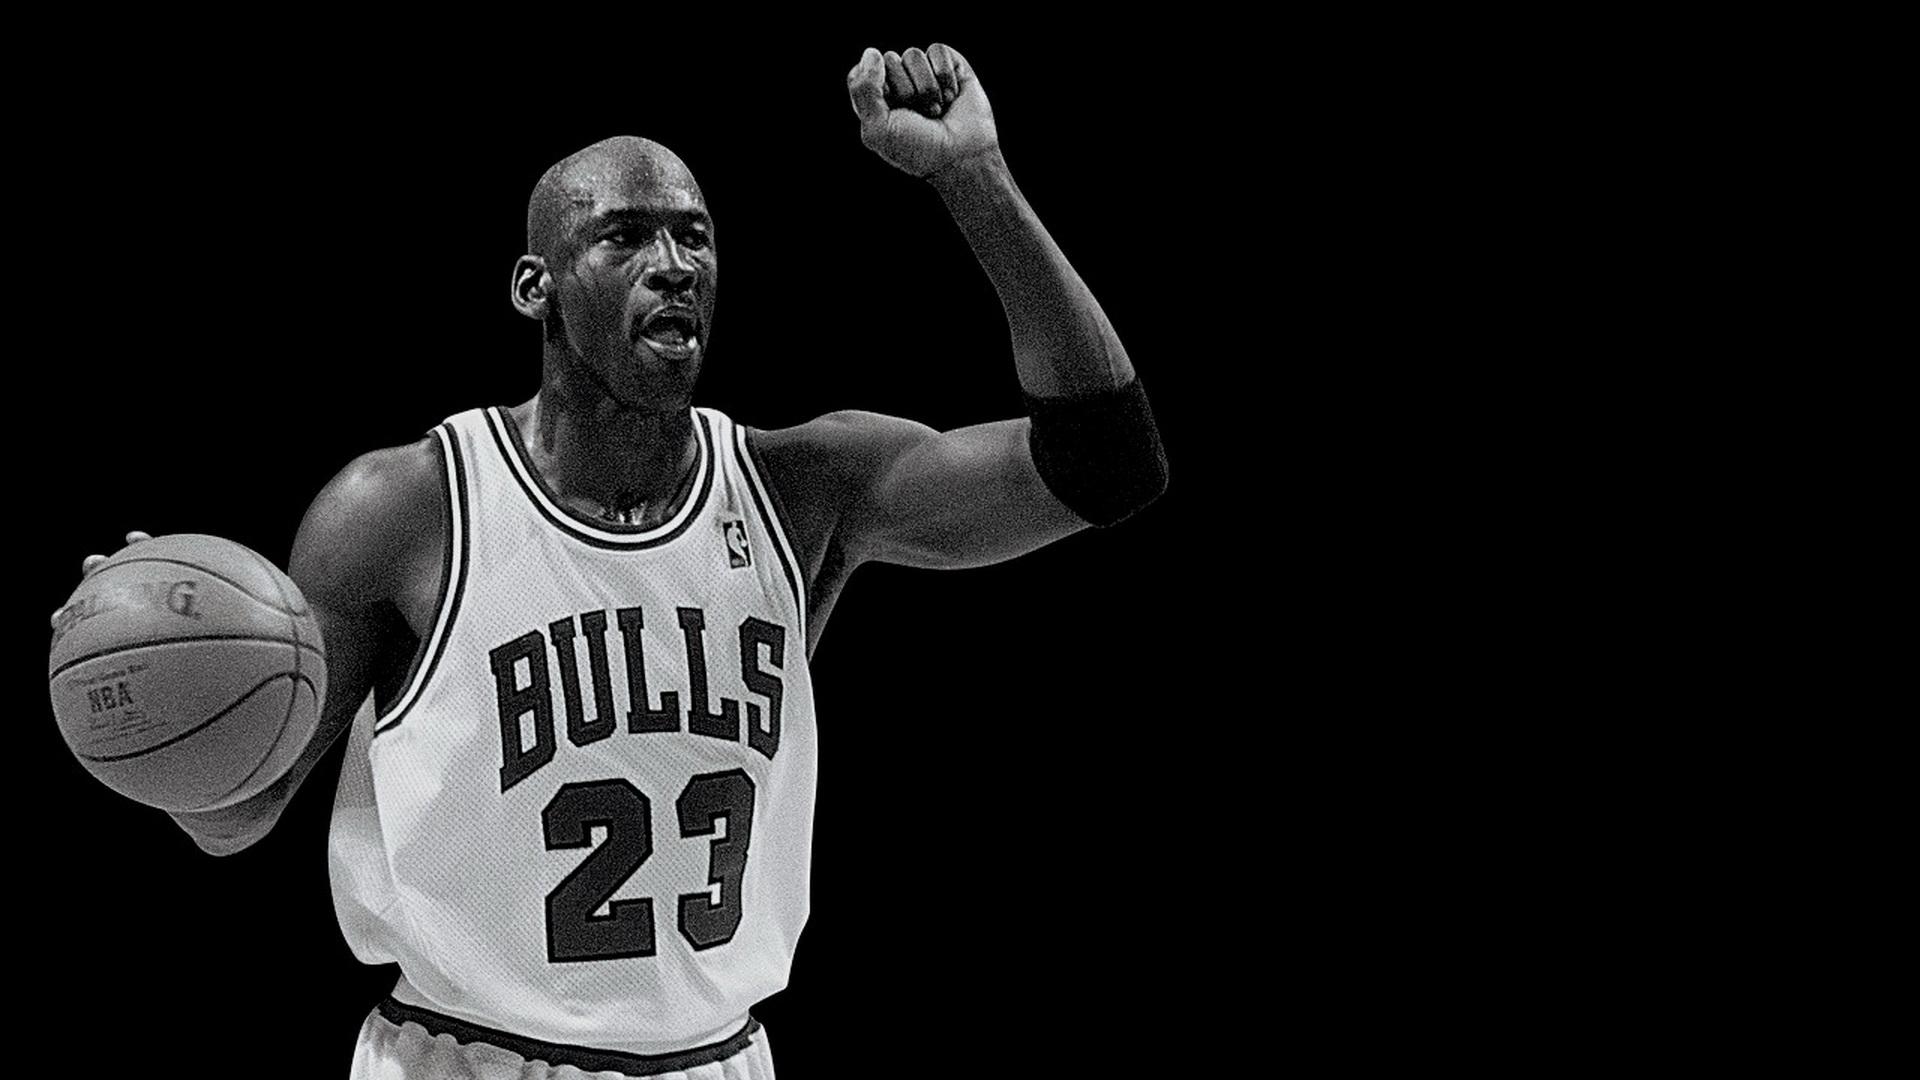 45 Michael Jordan Wallpaper 1920x1080 On Wallpapersafari